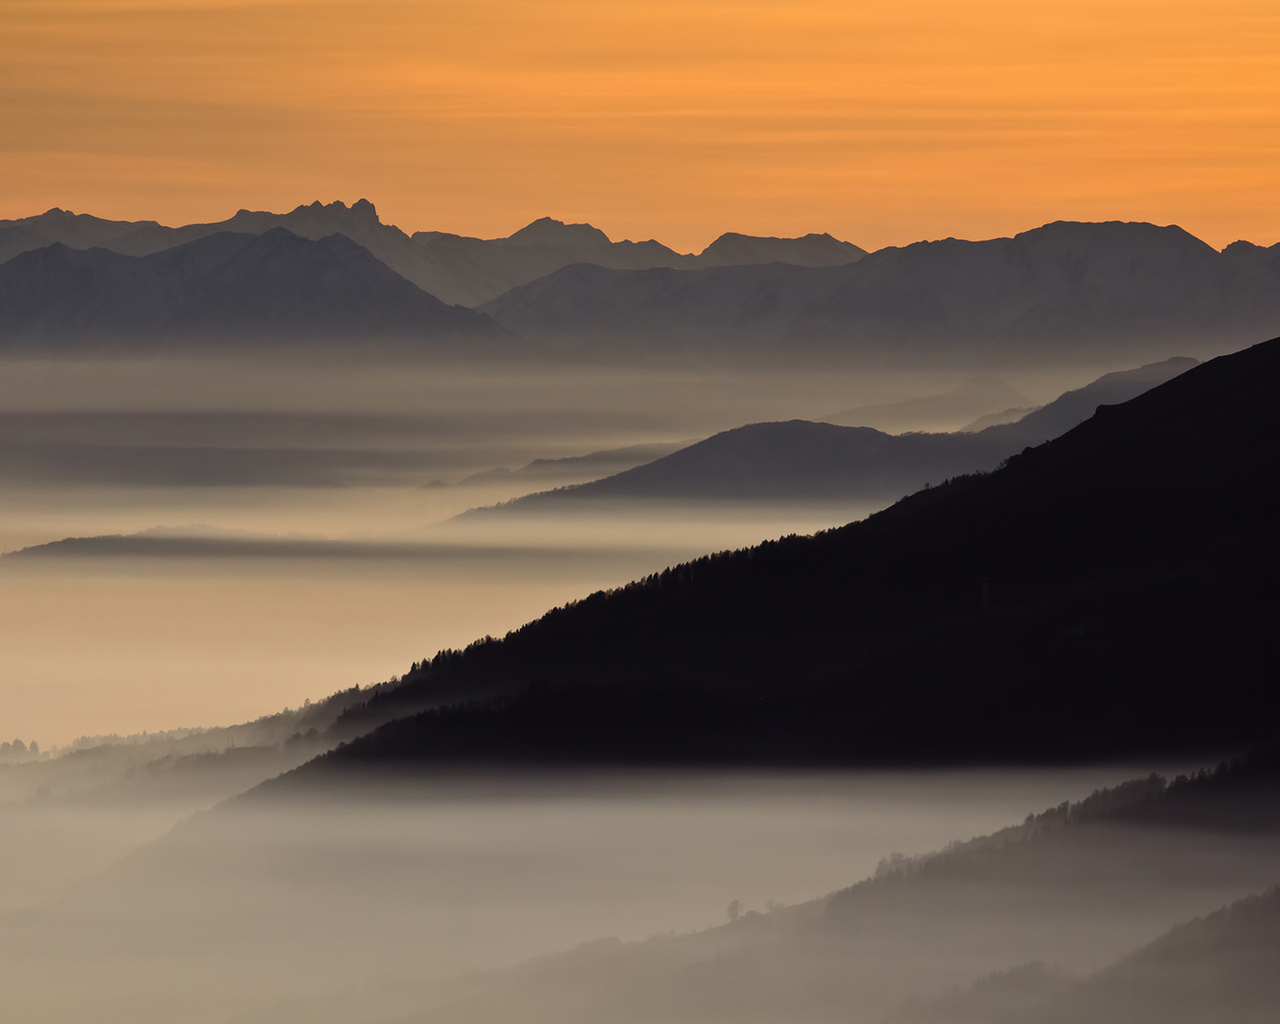 16344 скачать обои Пейзаж, Горы - заставки и картинки бесплатно